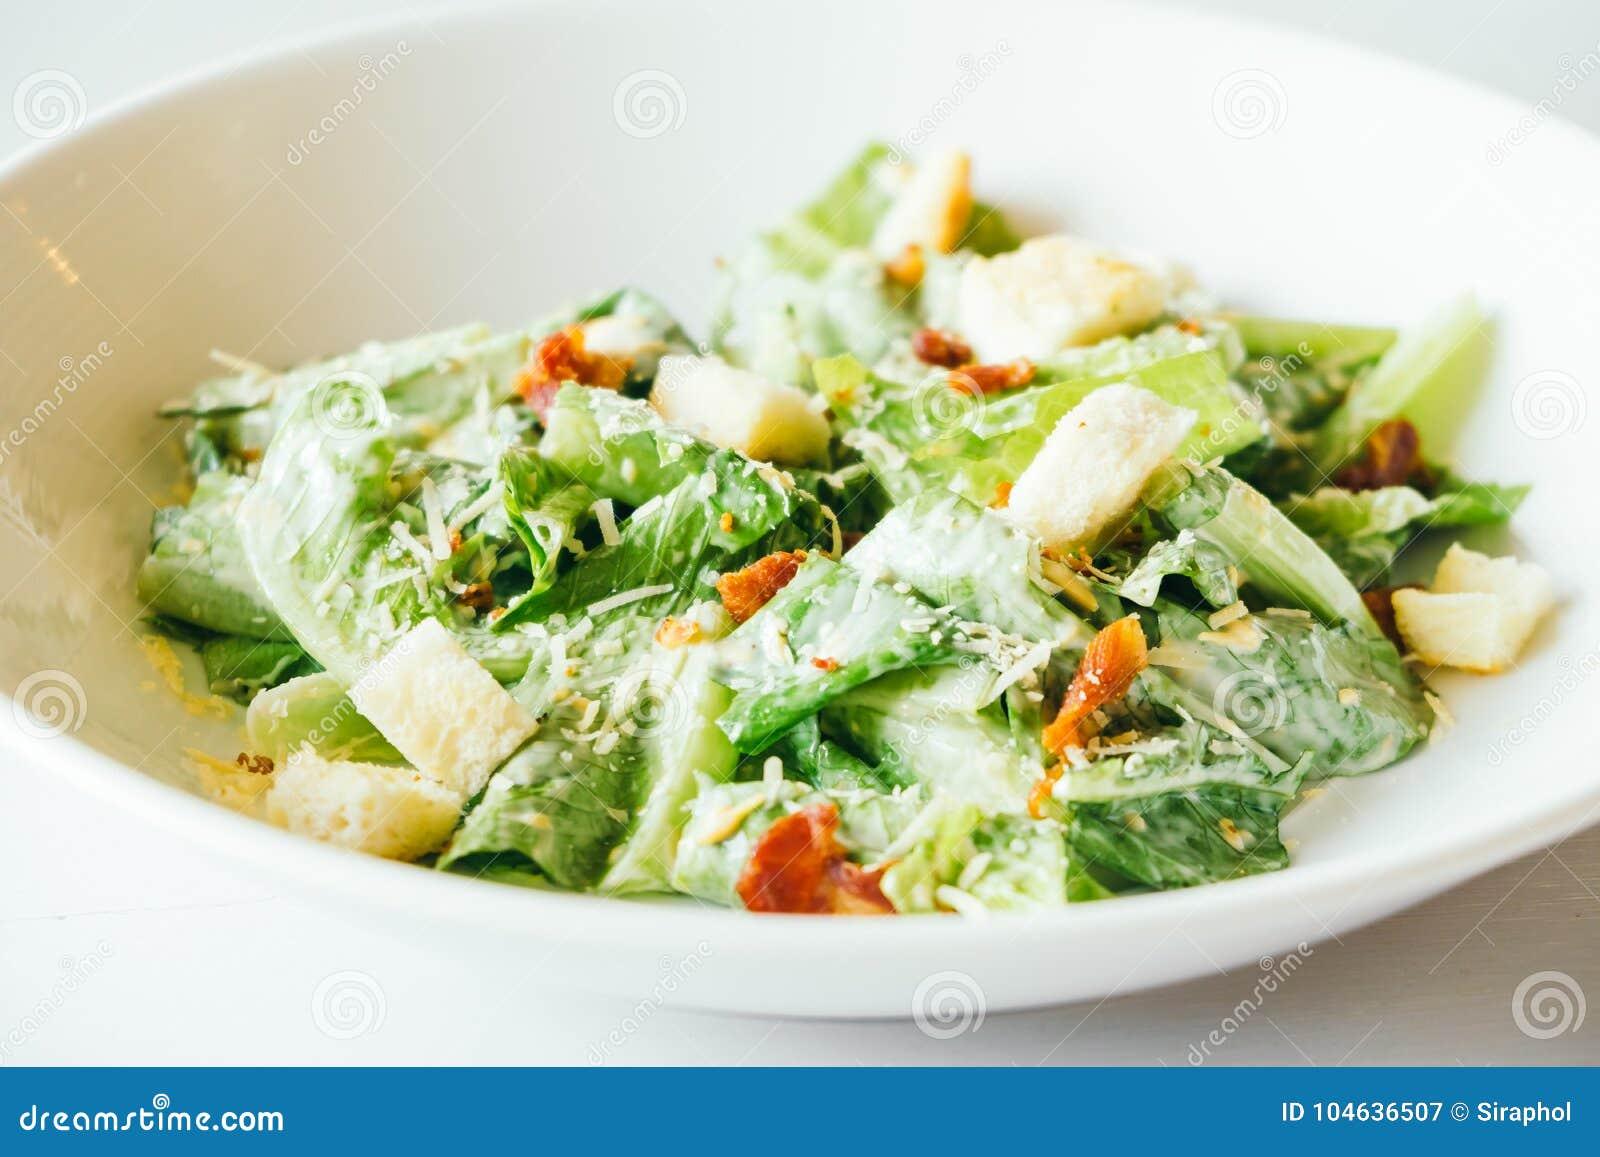 Download Geroosterde caesar salade stock afbeelding. Afbeelding bestaande uit plaat - 104636507